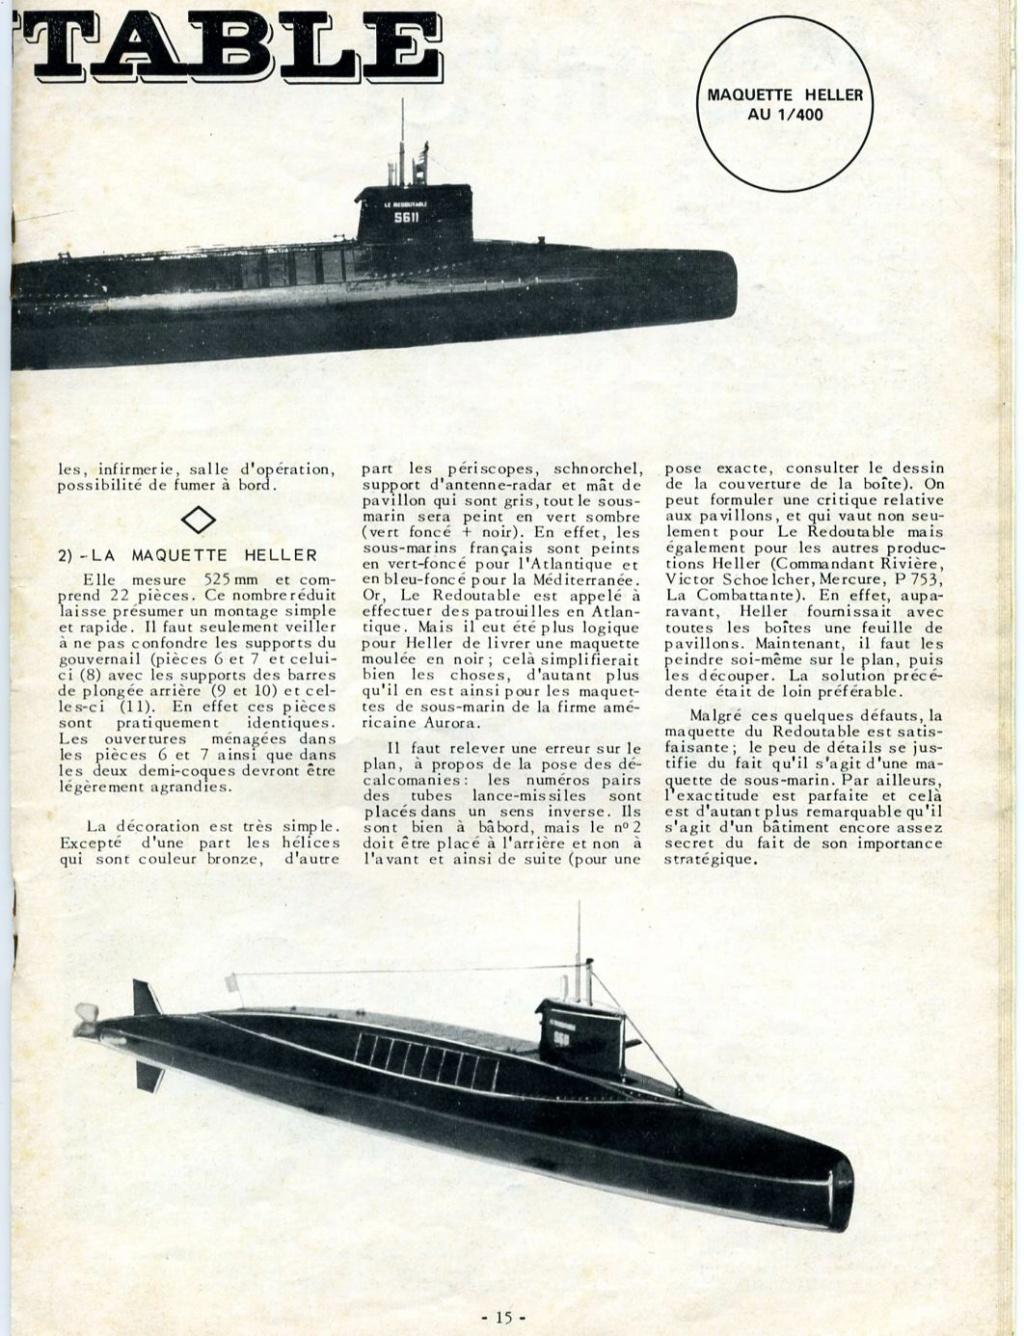 Sous-marin Nucléaire Lanceur d Engins SNLE Le REDOUTABLE 1/400ème Réf 57075 - Page 2 Maque175